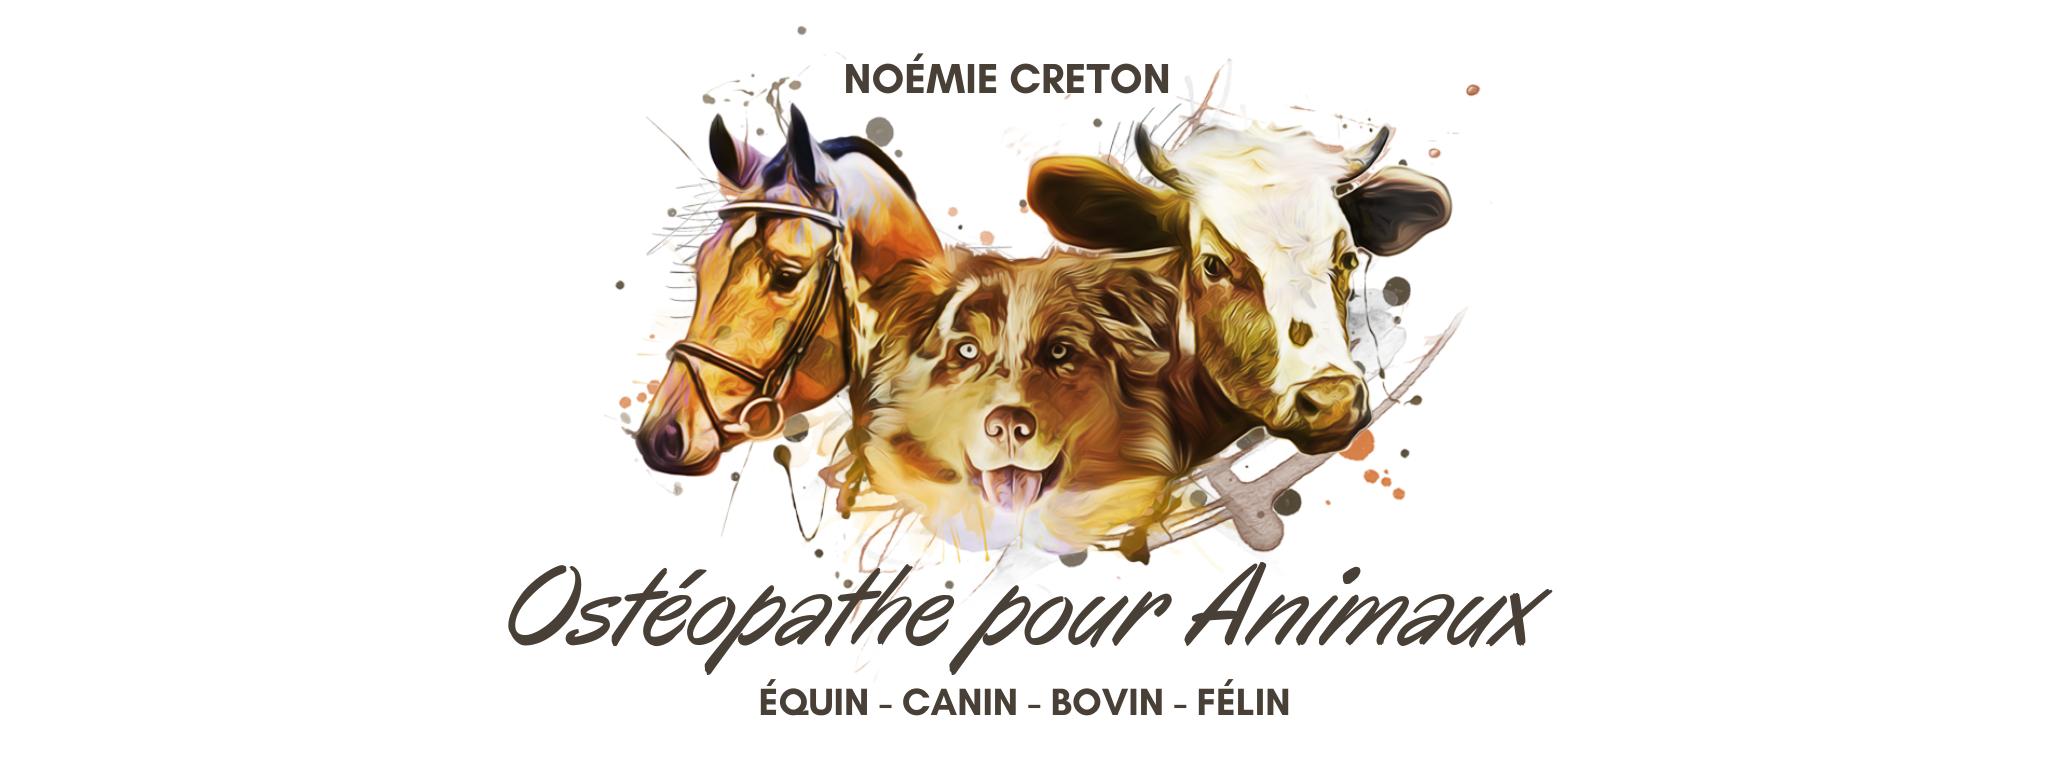 photo de couverture -Noemie Creton Ostéopathe pour animaux